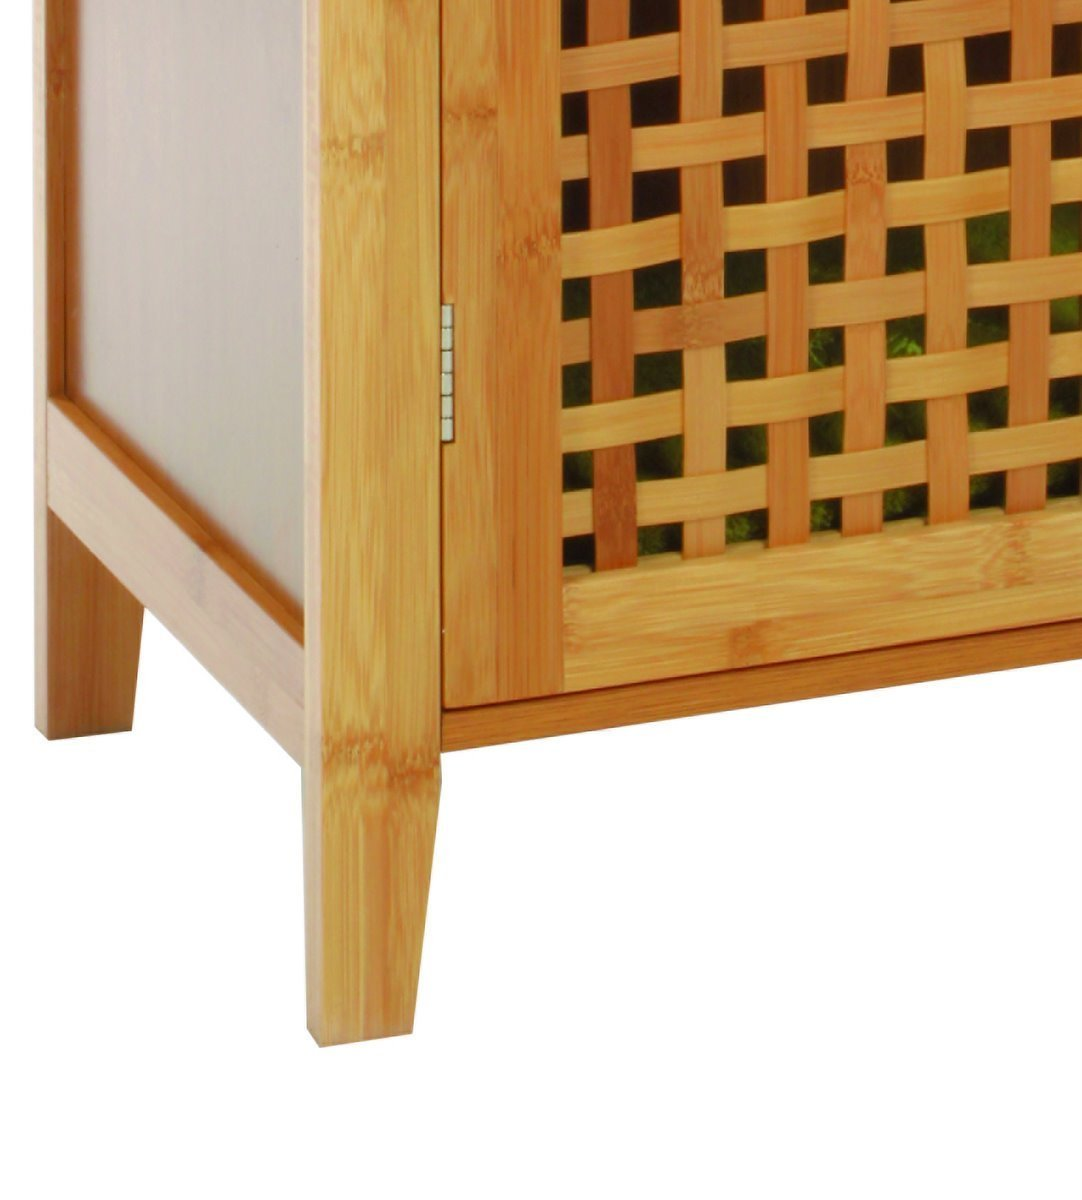 Meuble Dessous Lavabo - évier En Bambou: Amazon.fr: Cuisine U0026 Maison